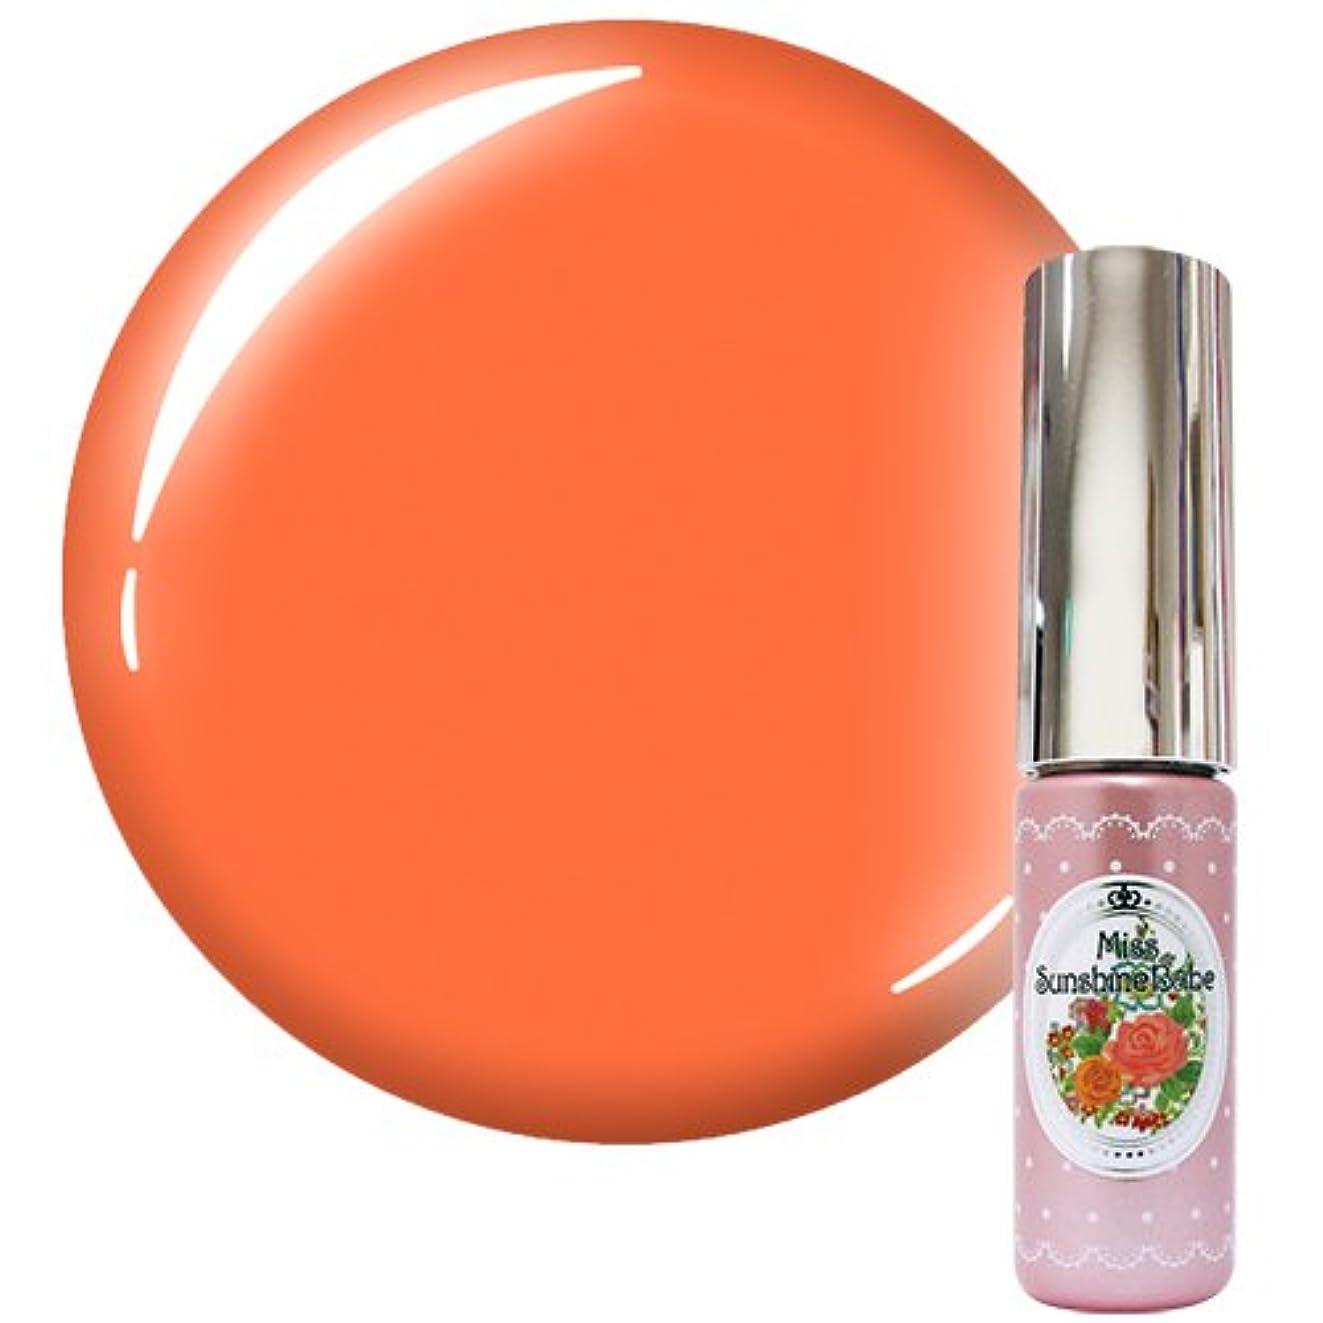 ビーズ貪欲シャックルMiss SunshineBabe ミス サンシャインベビー カラージェル MC-33 5g サマーパステルオレンジ